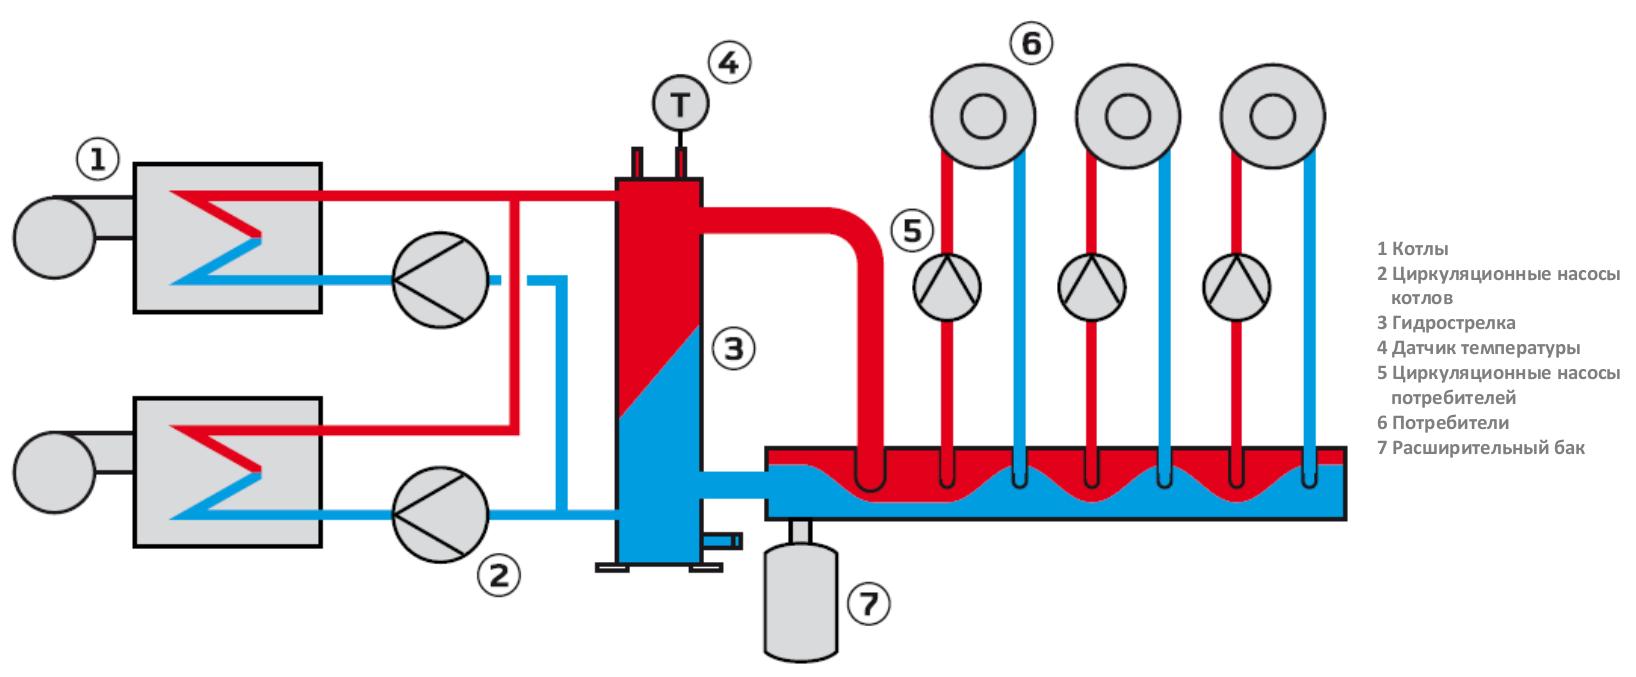 Гидрострелка для отопления: зачем она нужна, какие бывают, как сделать своими руками (видео)